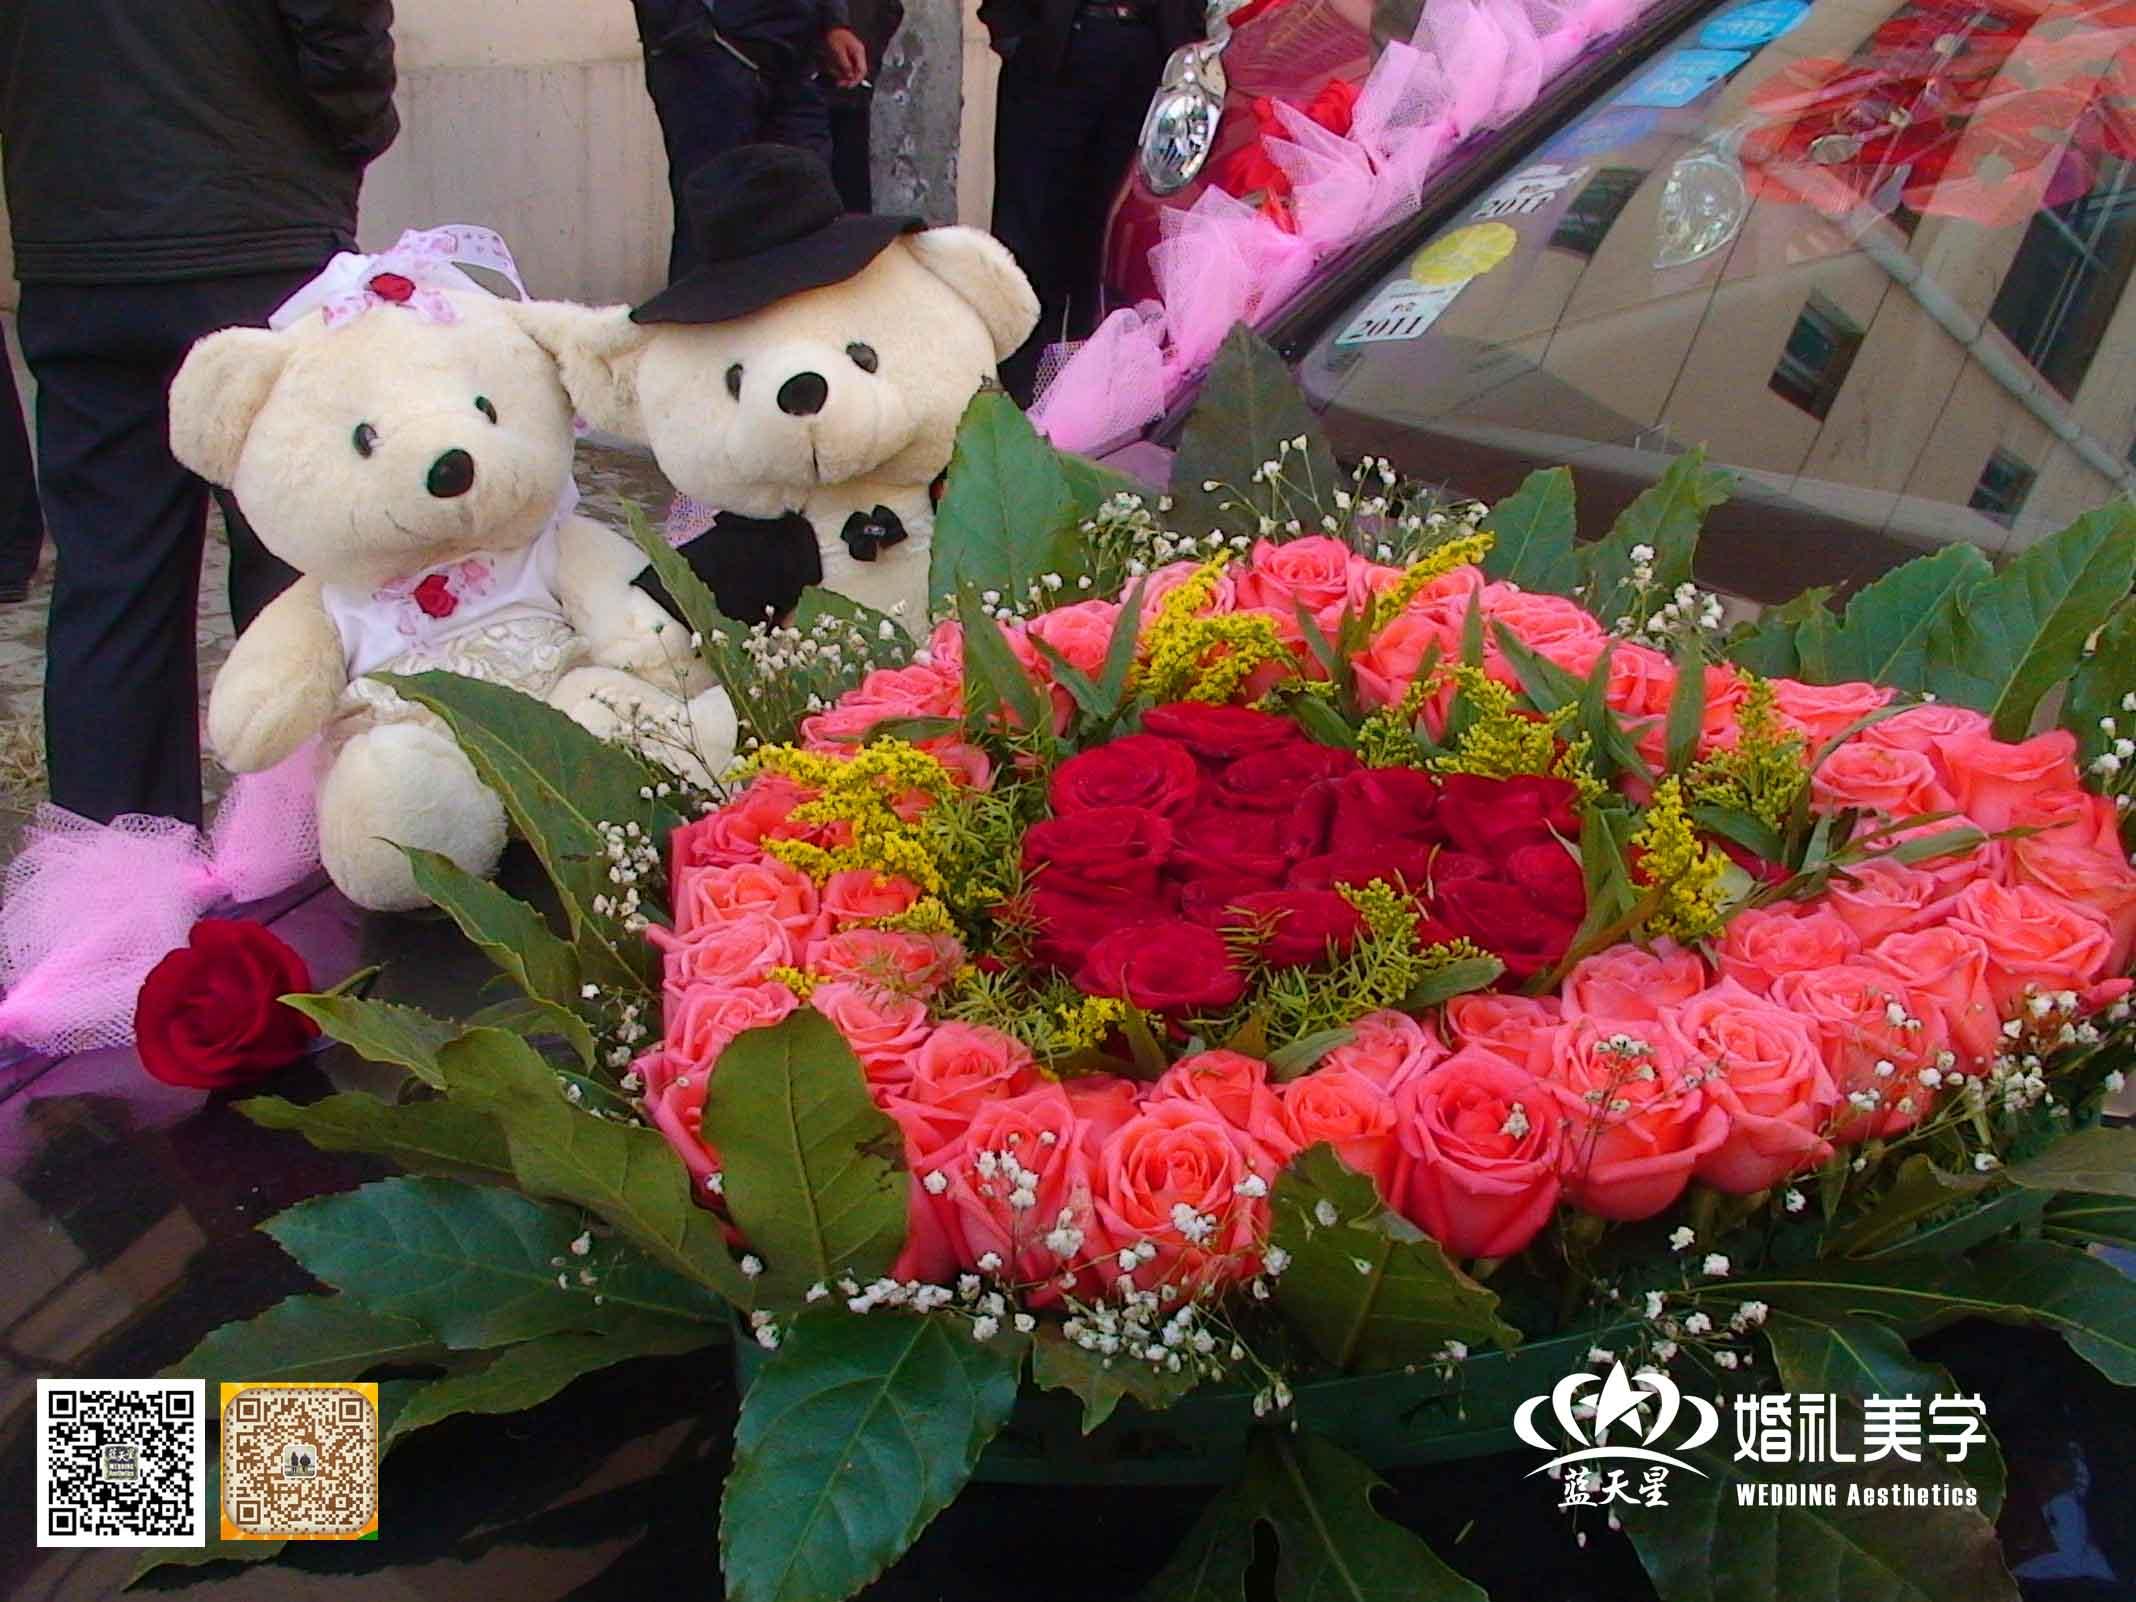 壁纸 花 花束 婚车 鲜花 桌面 2136_1602